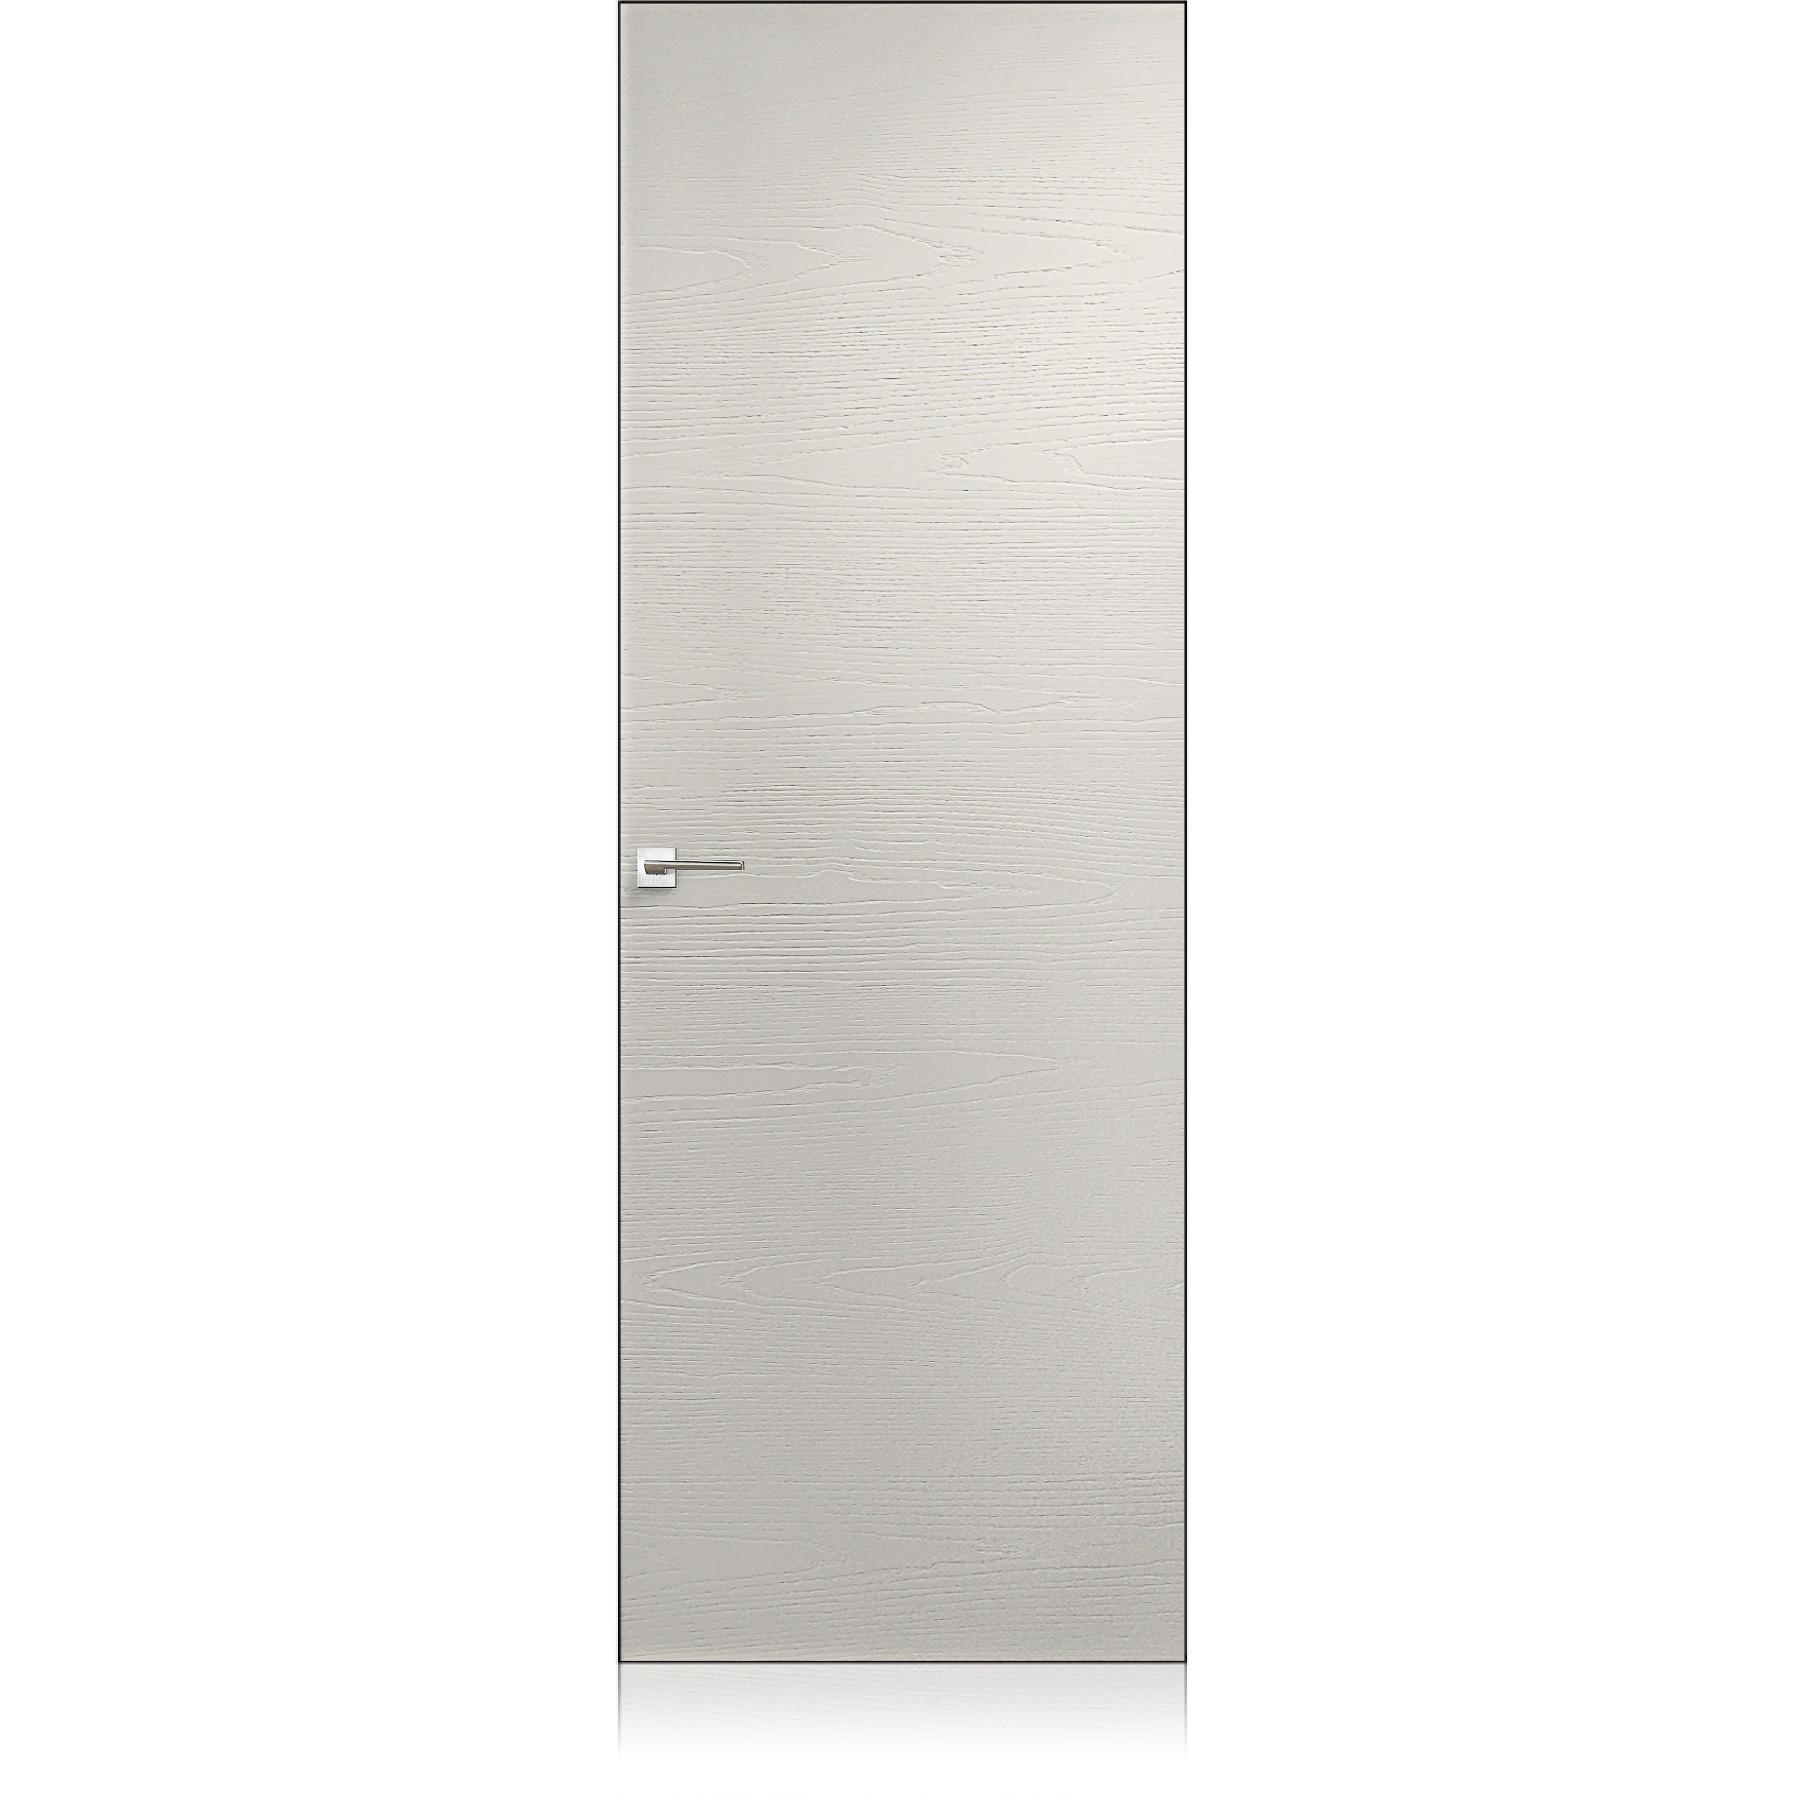 Porta Equa Zero trame grigio lux